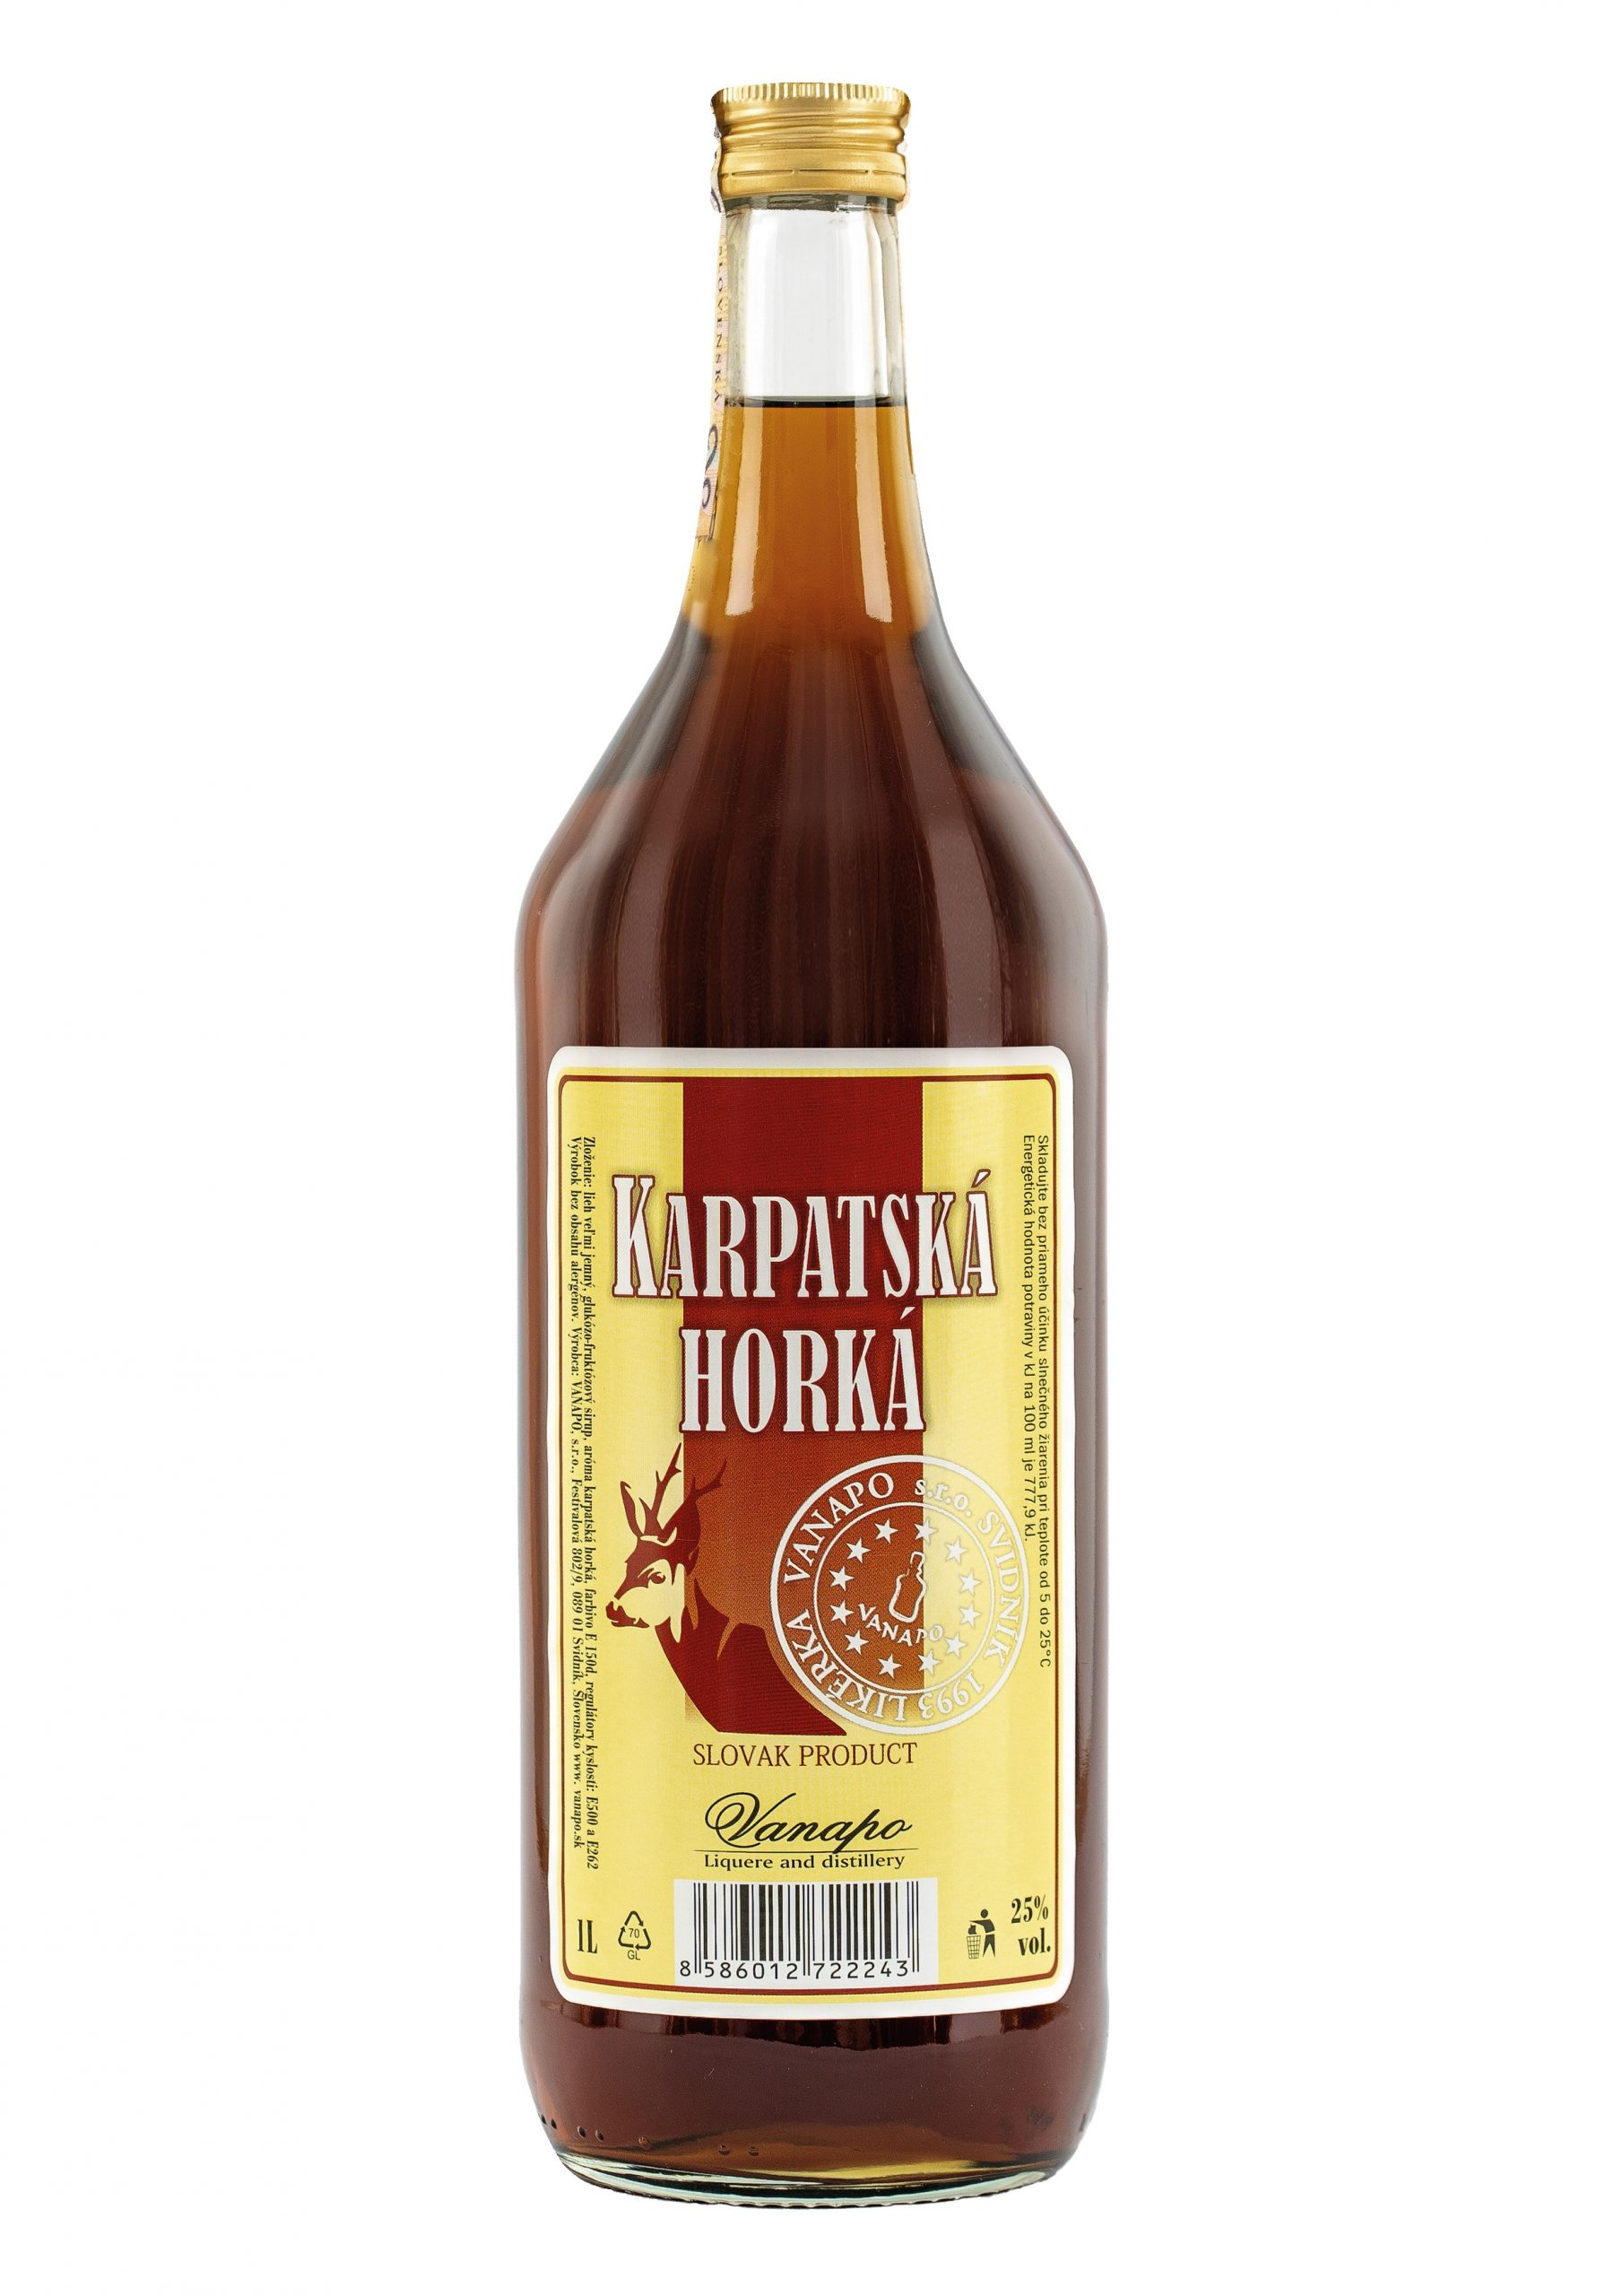 Karpatska Horka 25 1L scaled 1 - Karpatská horká